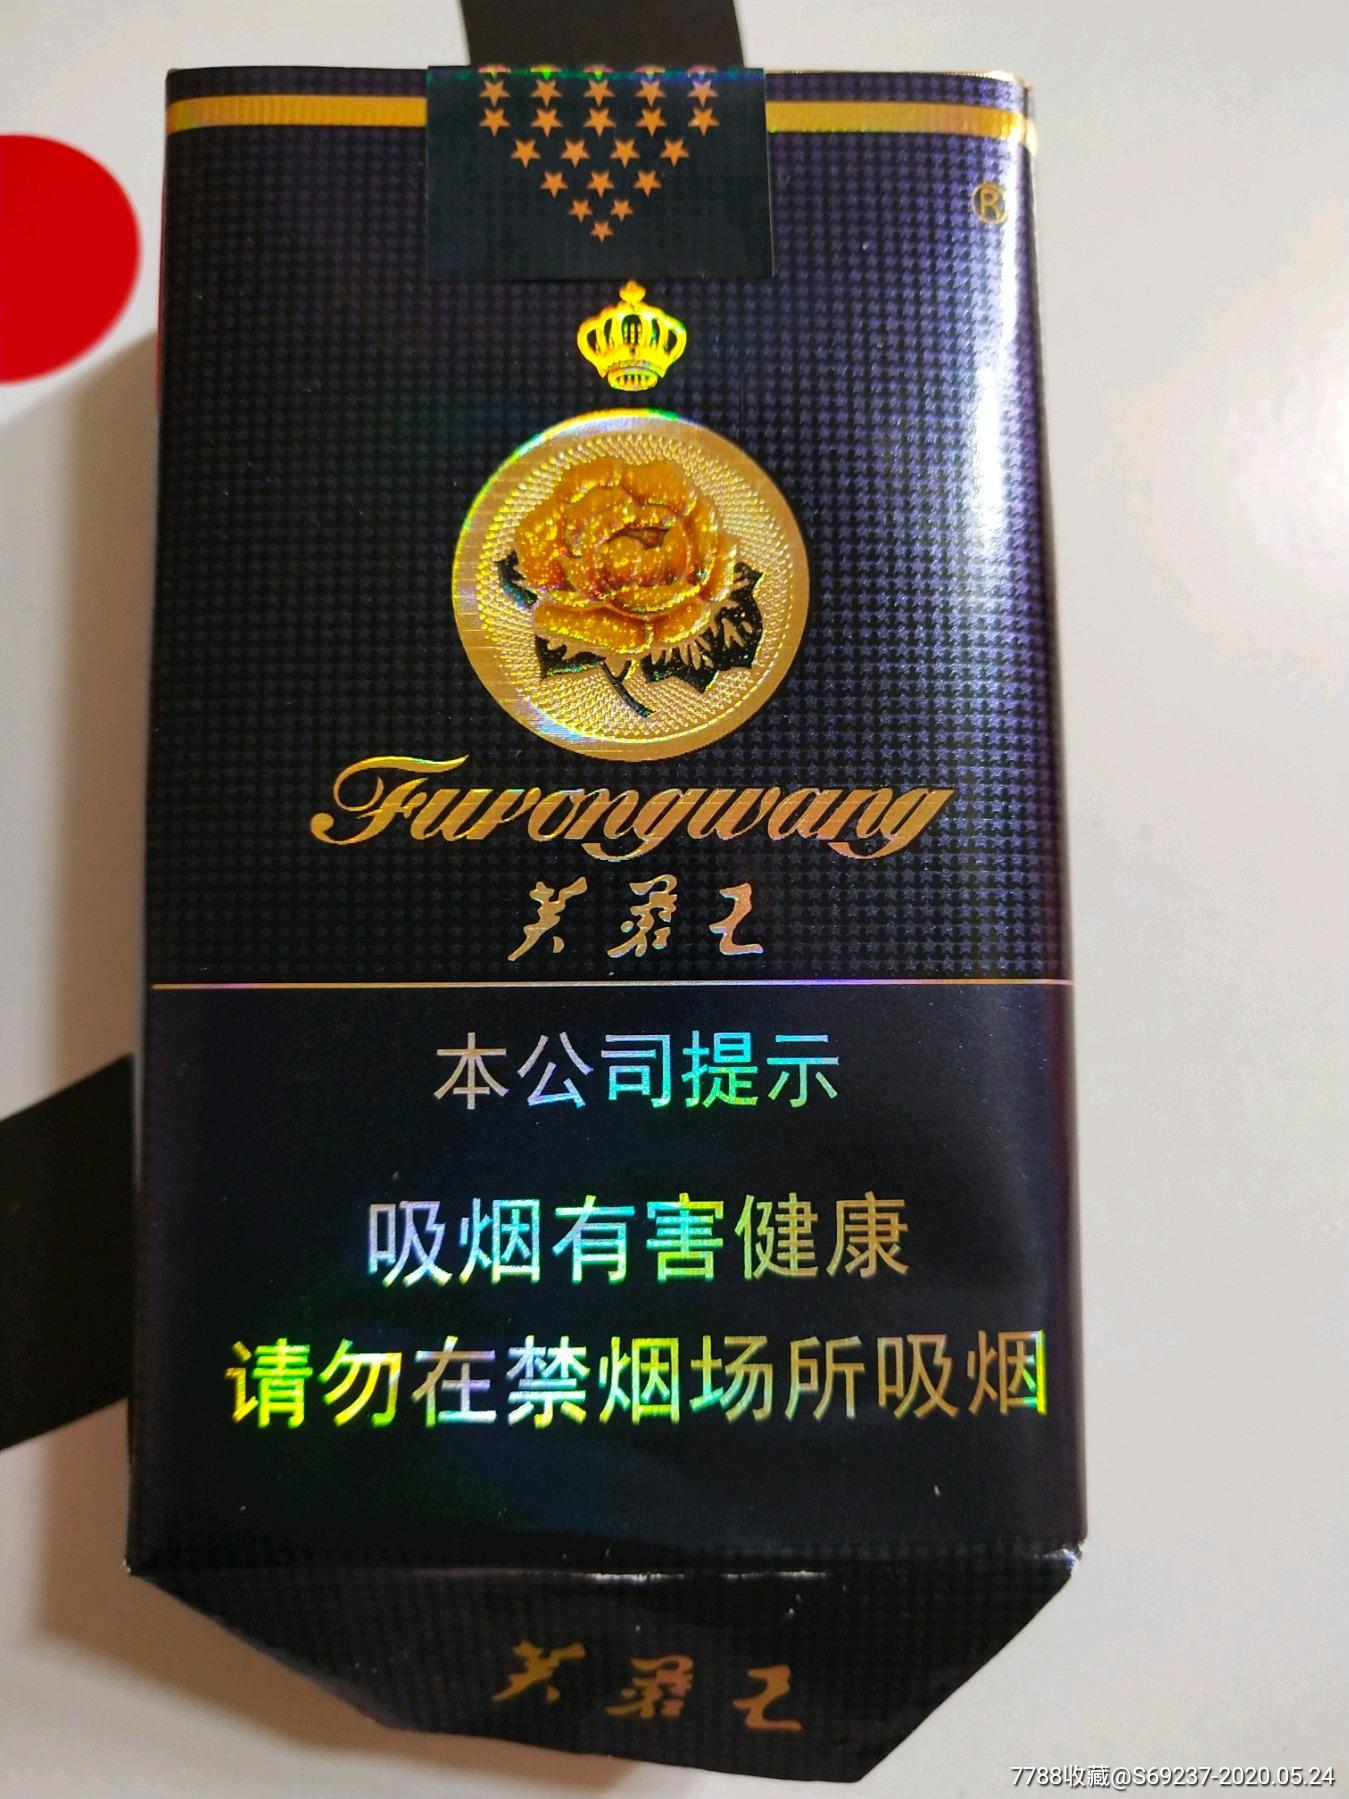 芙蓉王——非卖软蓝16版劝阻(3d空盒,底部开启)图片